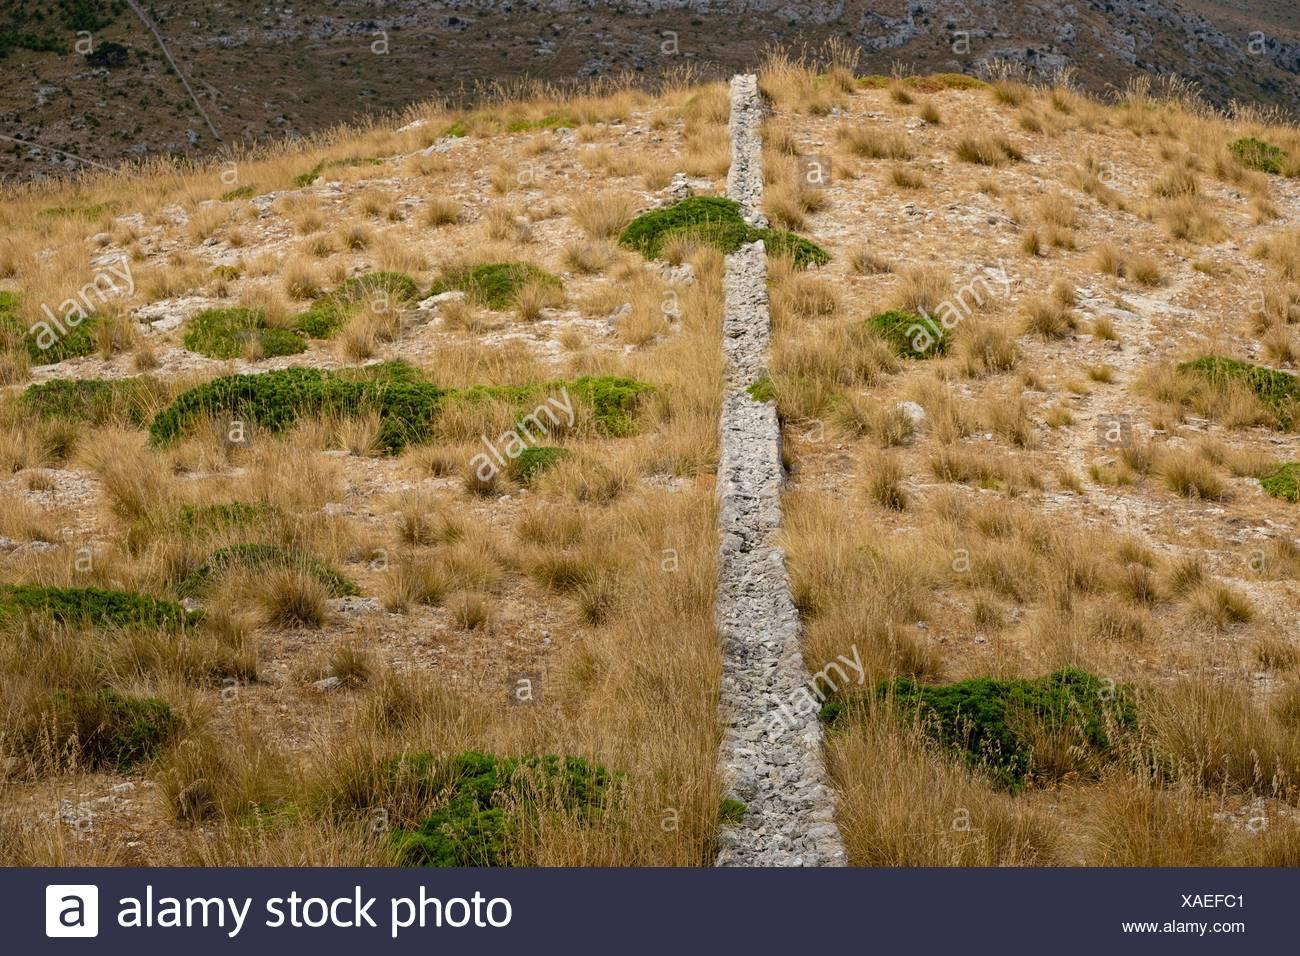 Muro de Pedra en sec, parc naturel de la serra de Llevant, Arta, Majorque, Îles Baléares, Espagne Photo Stock